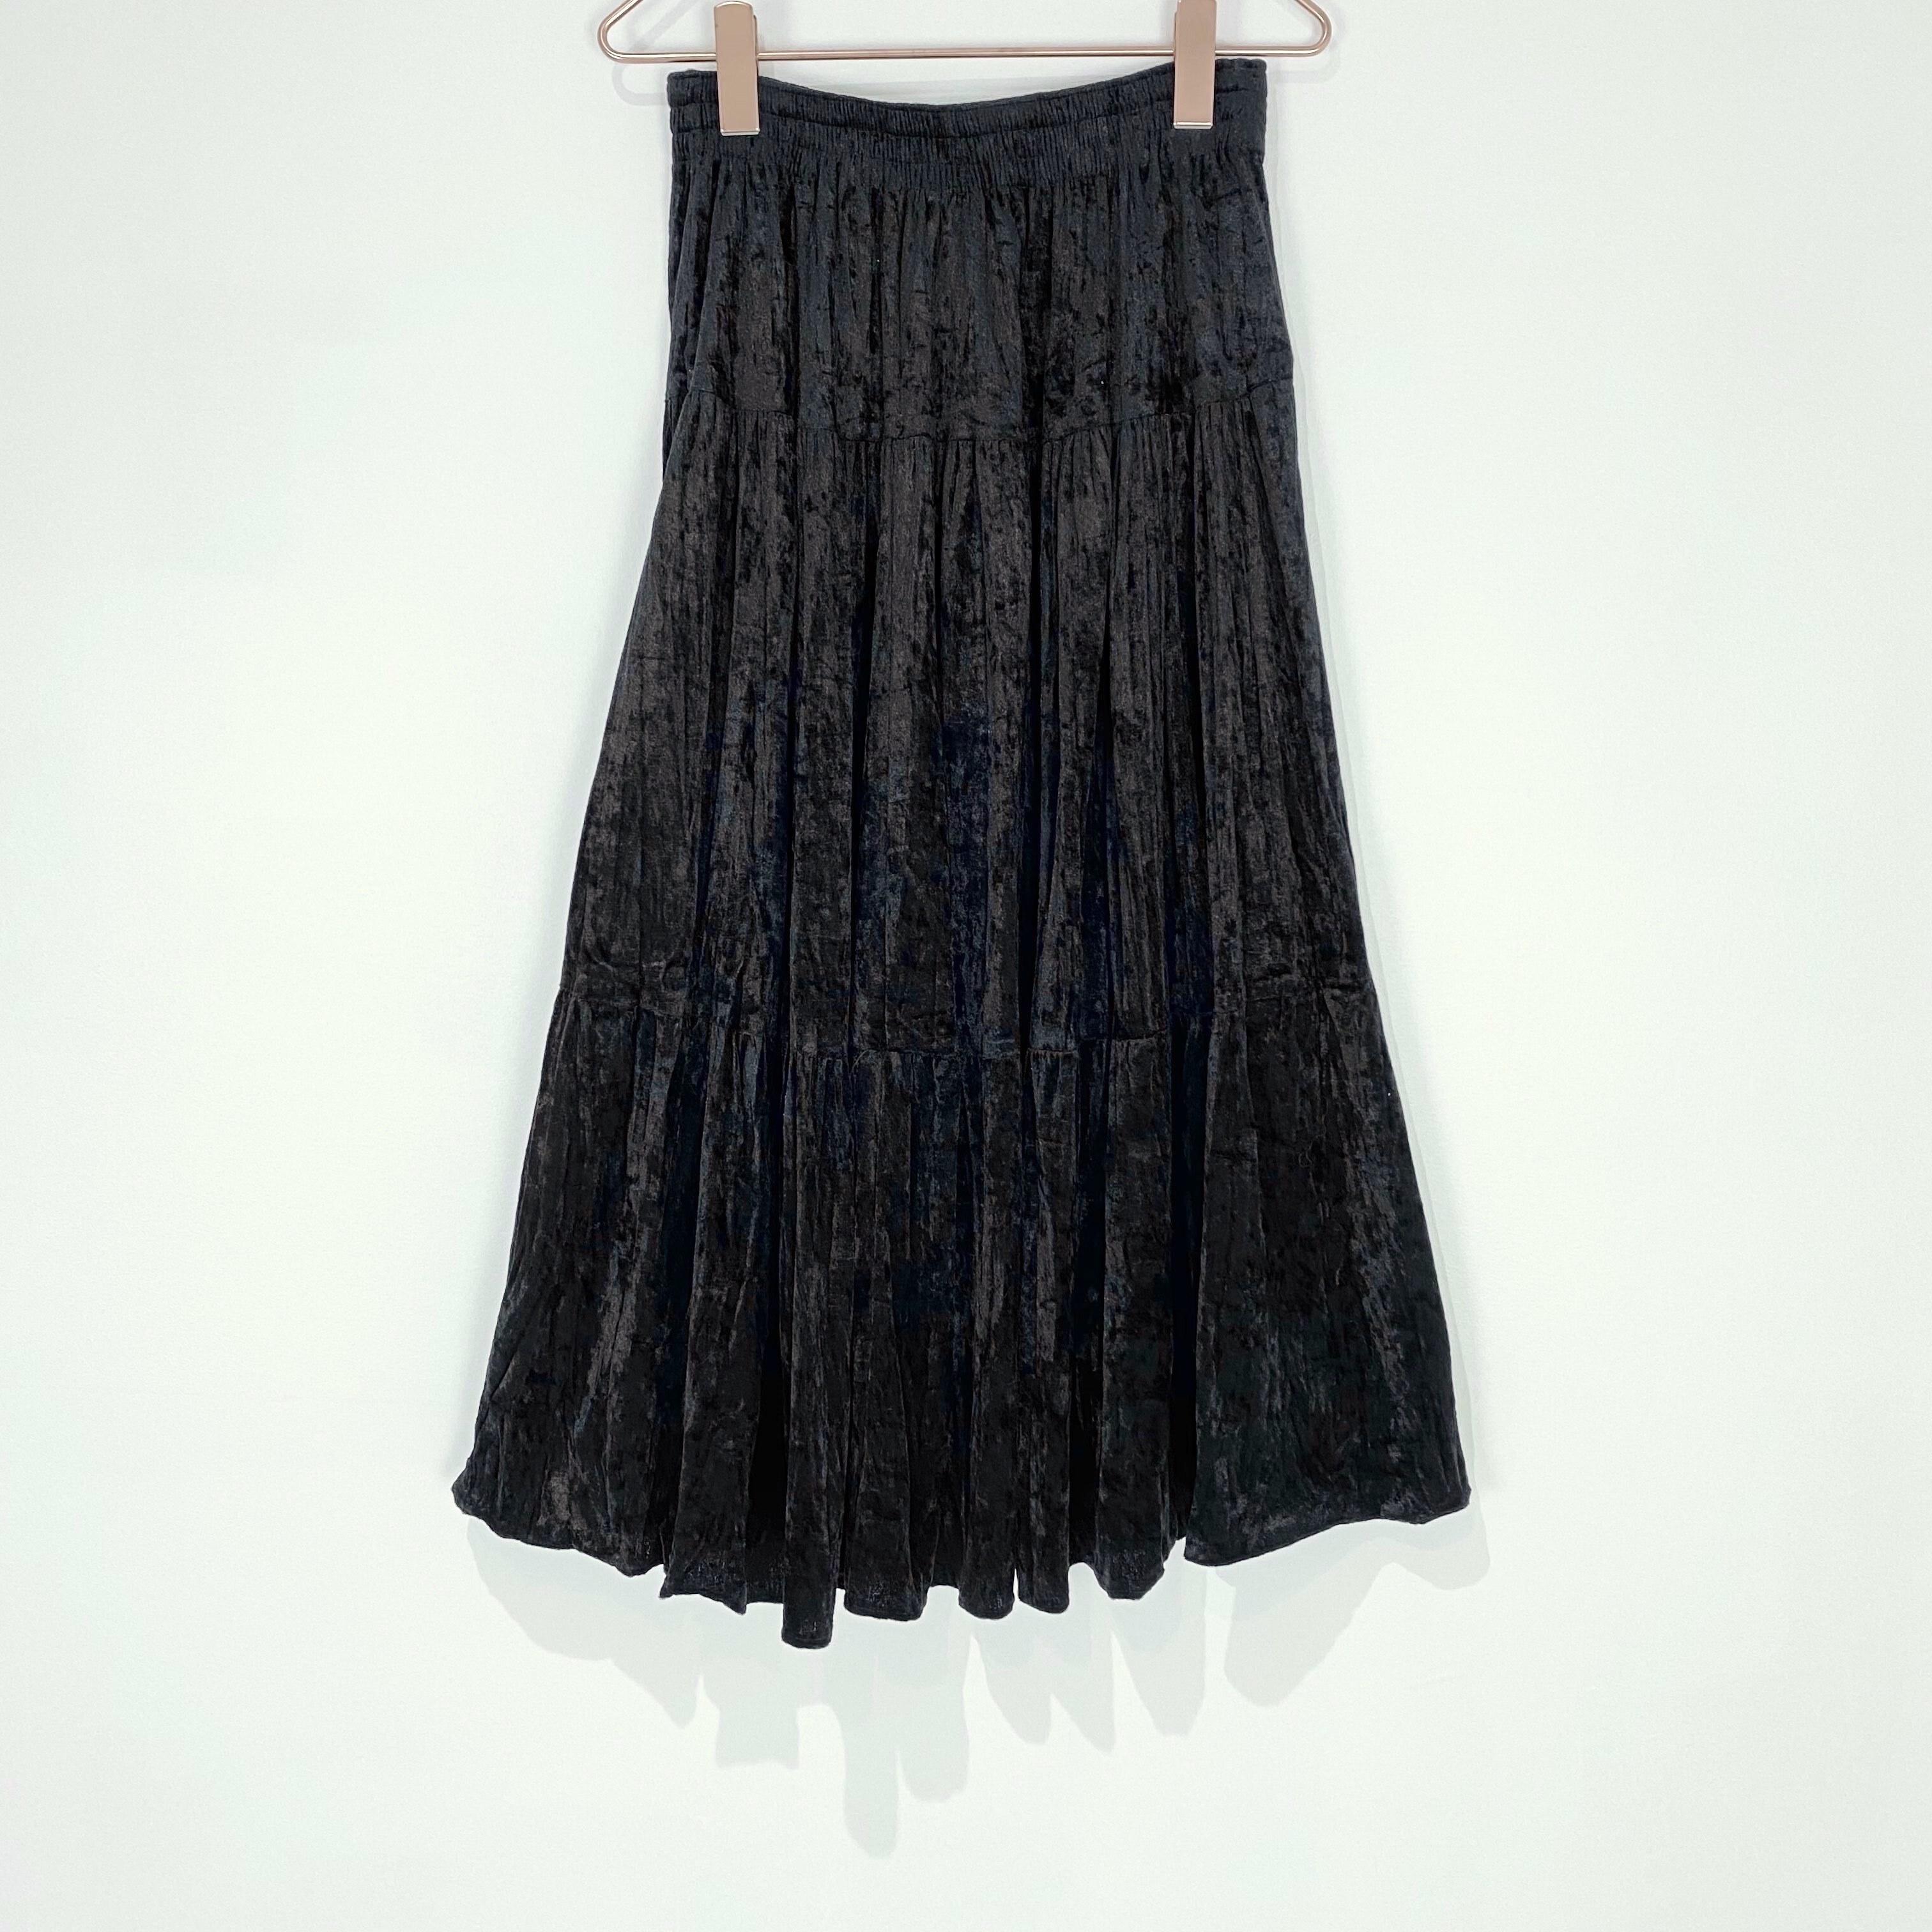 ◼︎80s vintage clash velvet flare skirt from U.S.A.◼︎